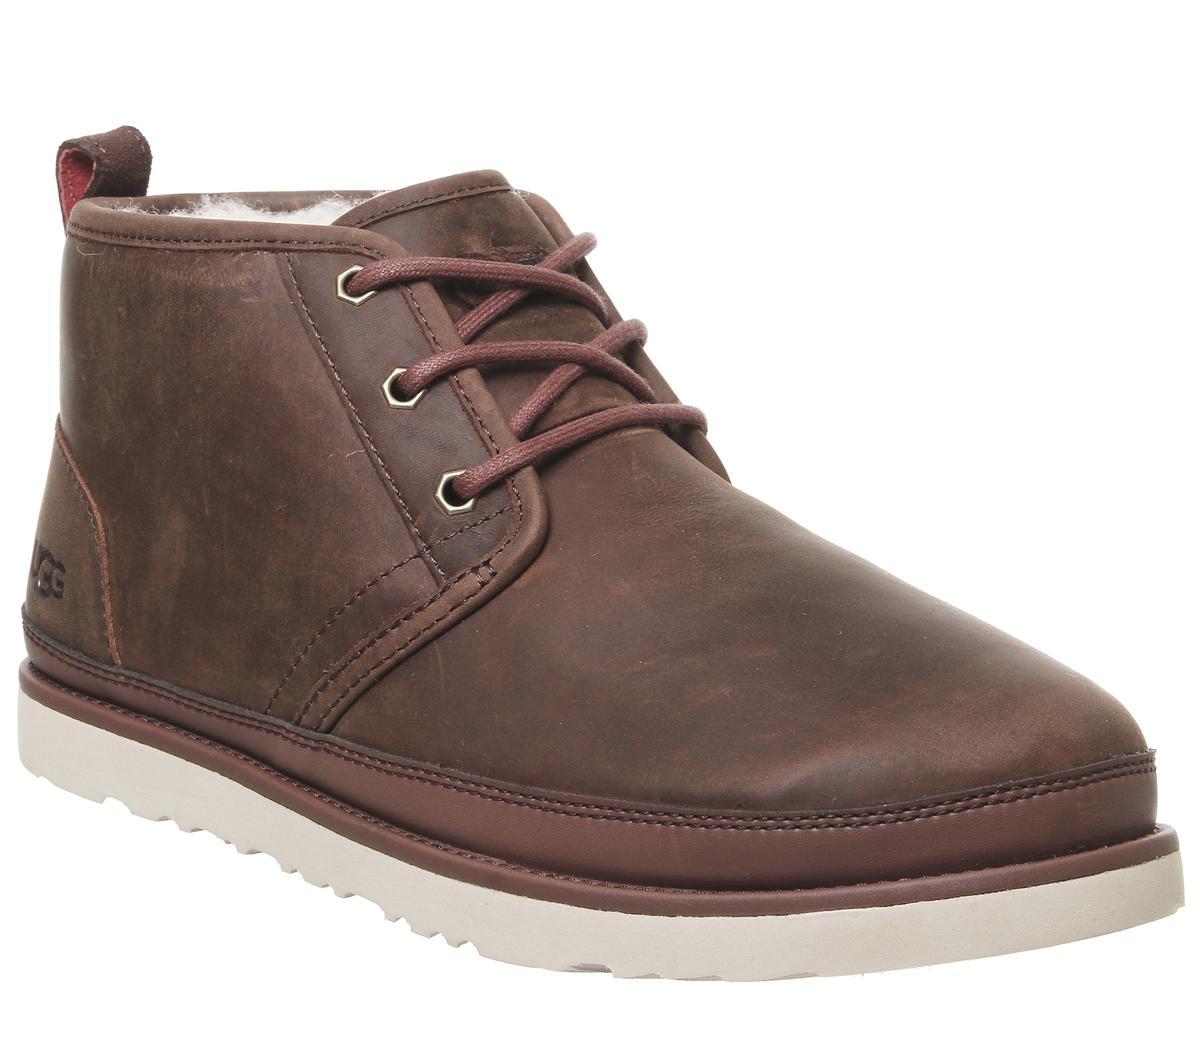 Neumel Waterproof Boots